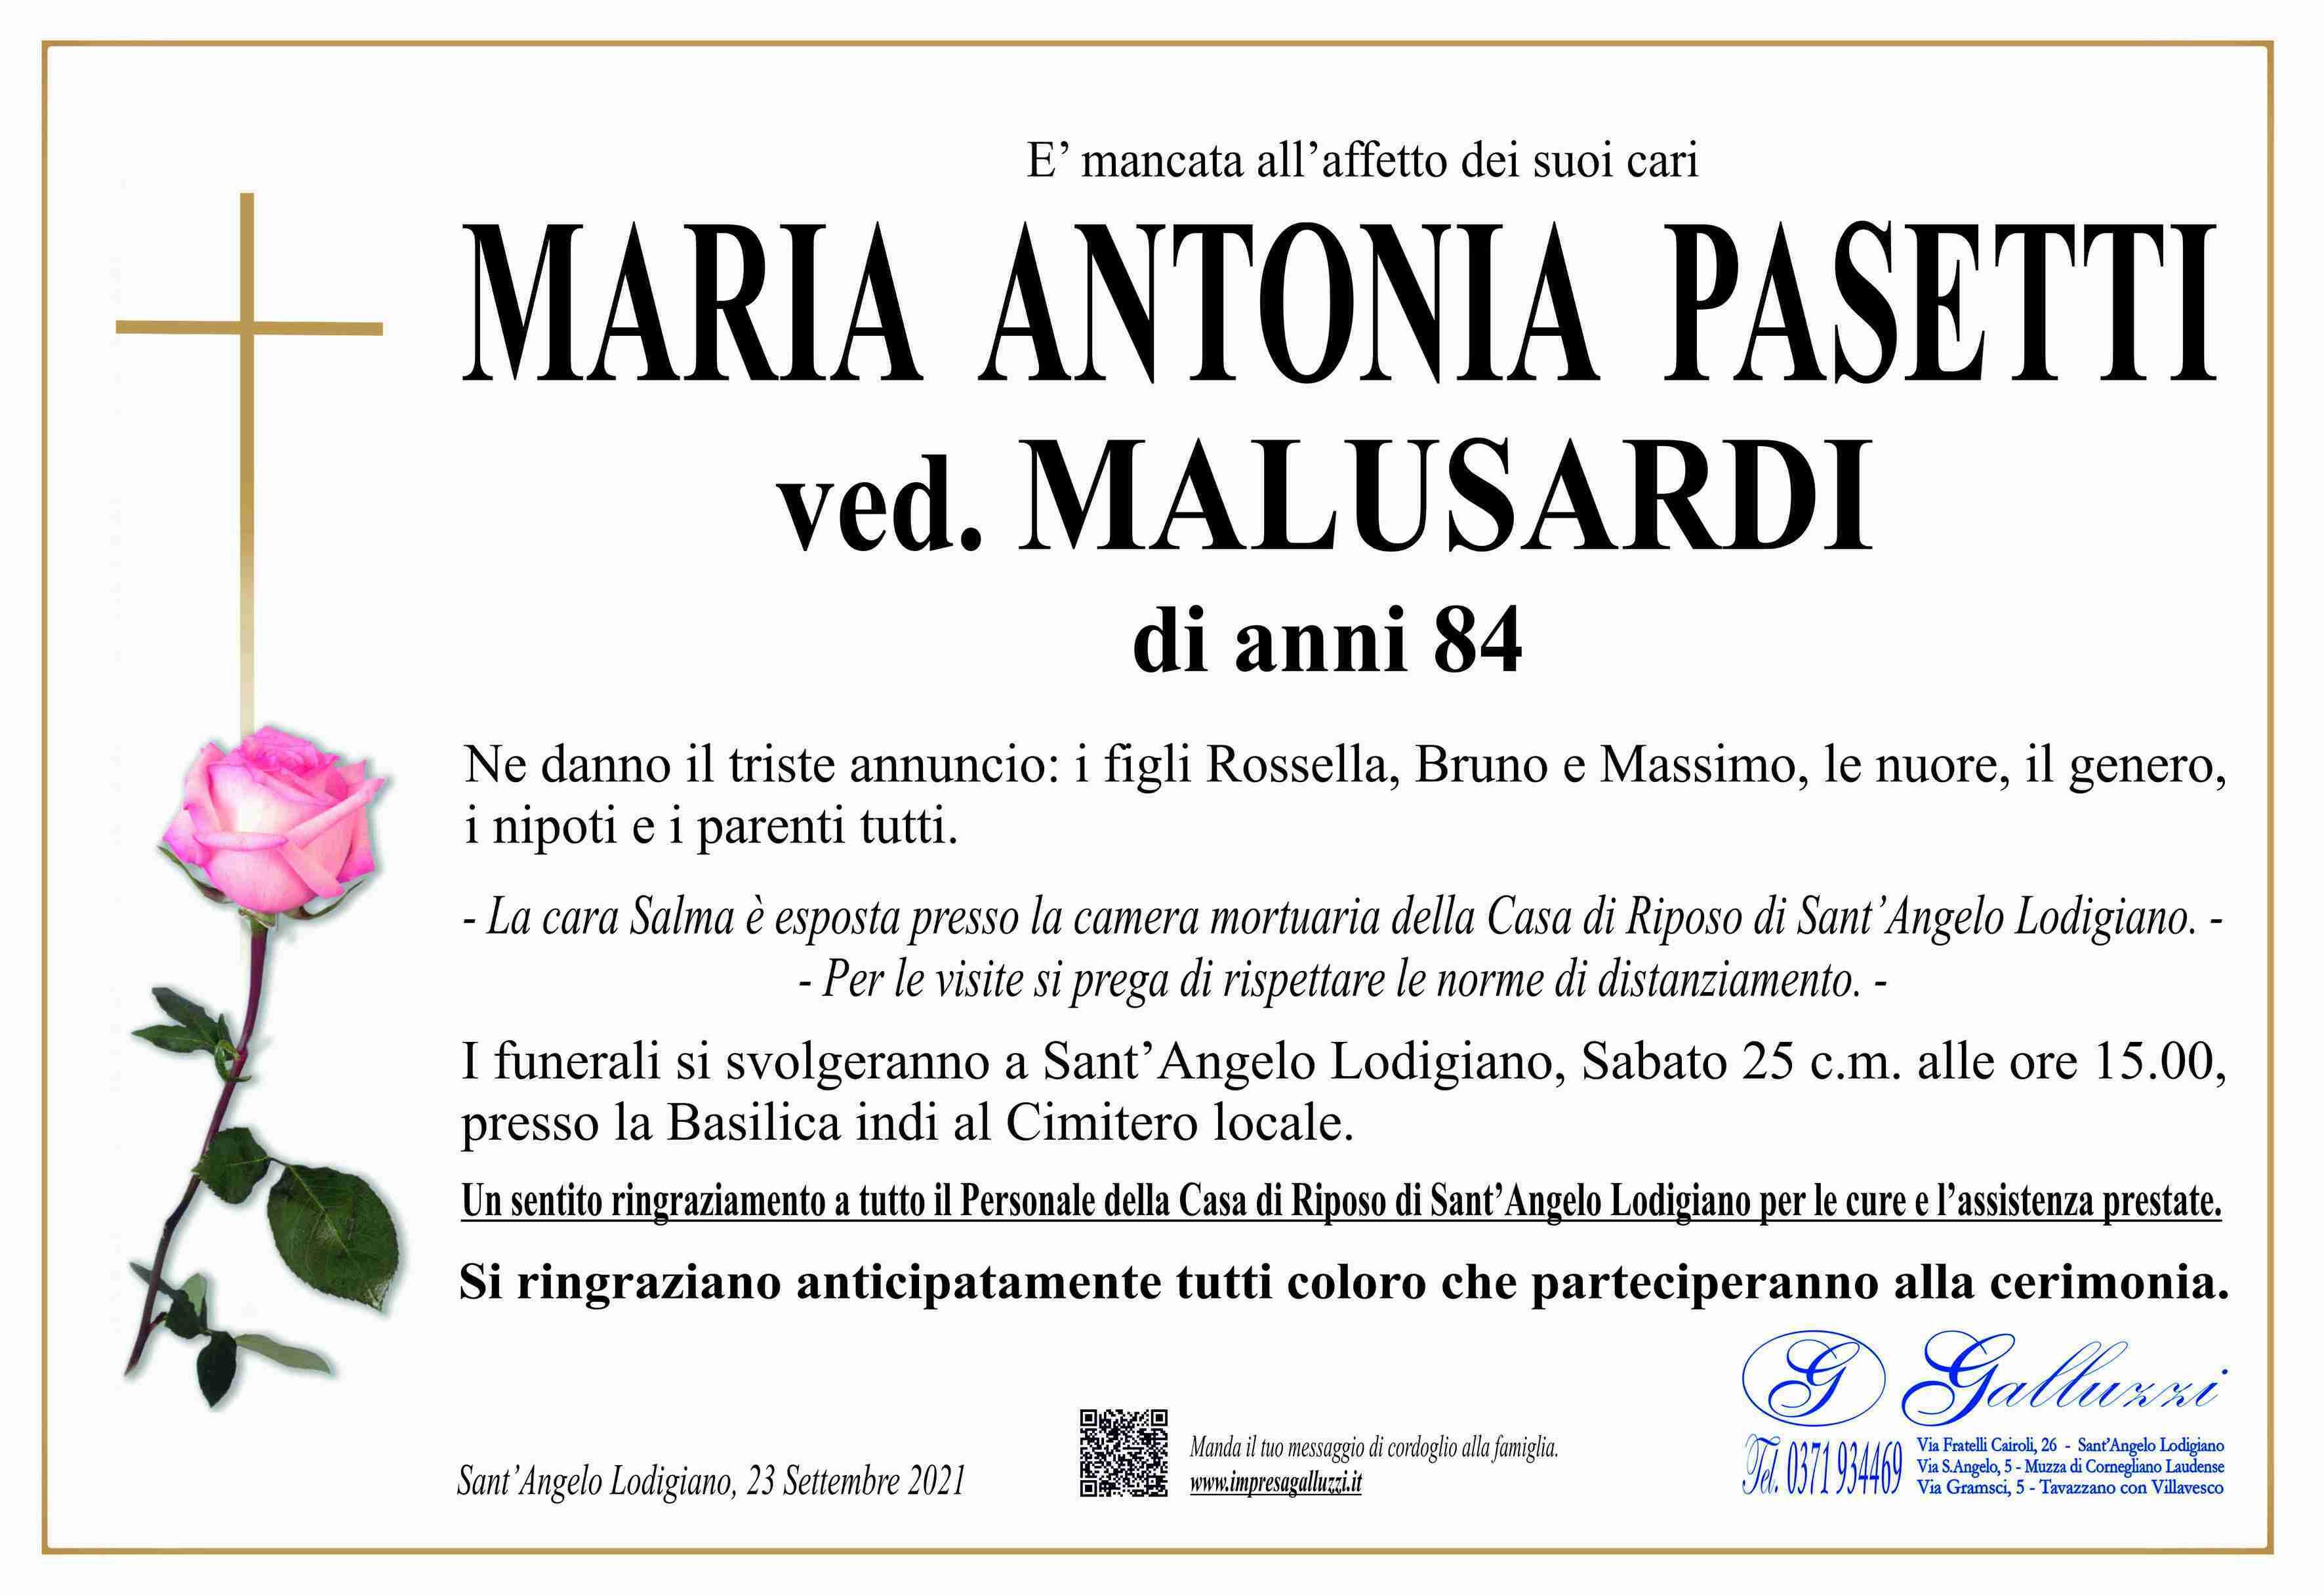 Maria Antonia Pasetti